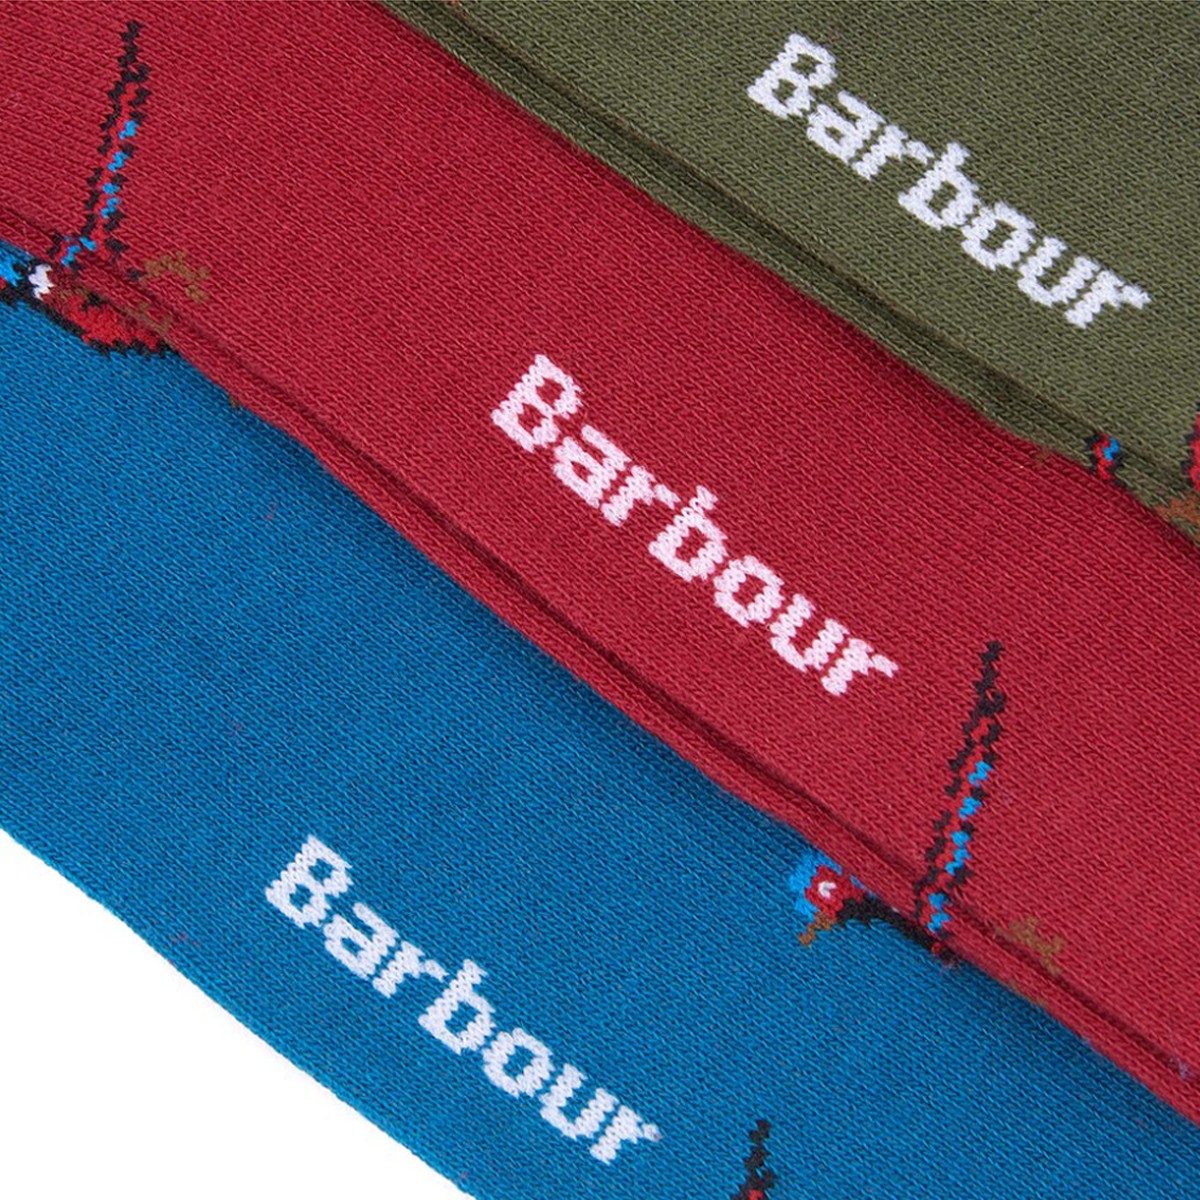 Barbour Pheasant Socks Gift Box